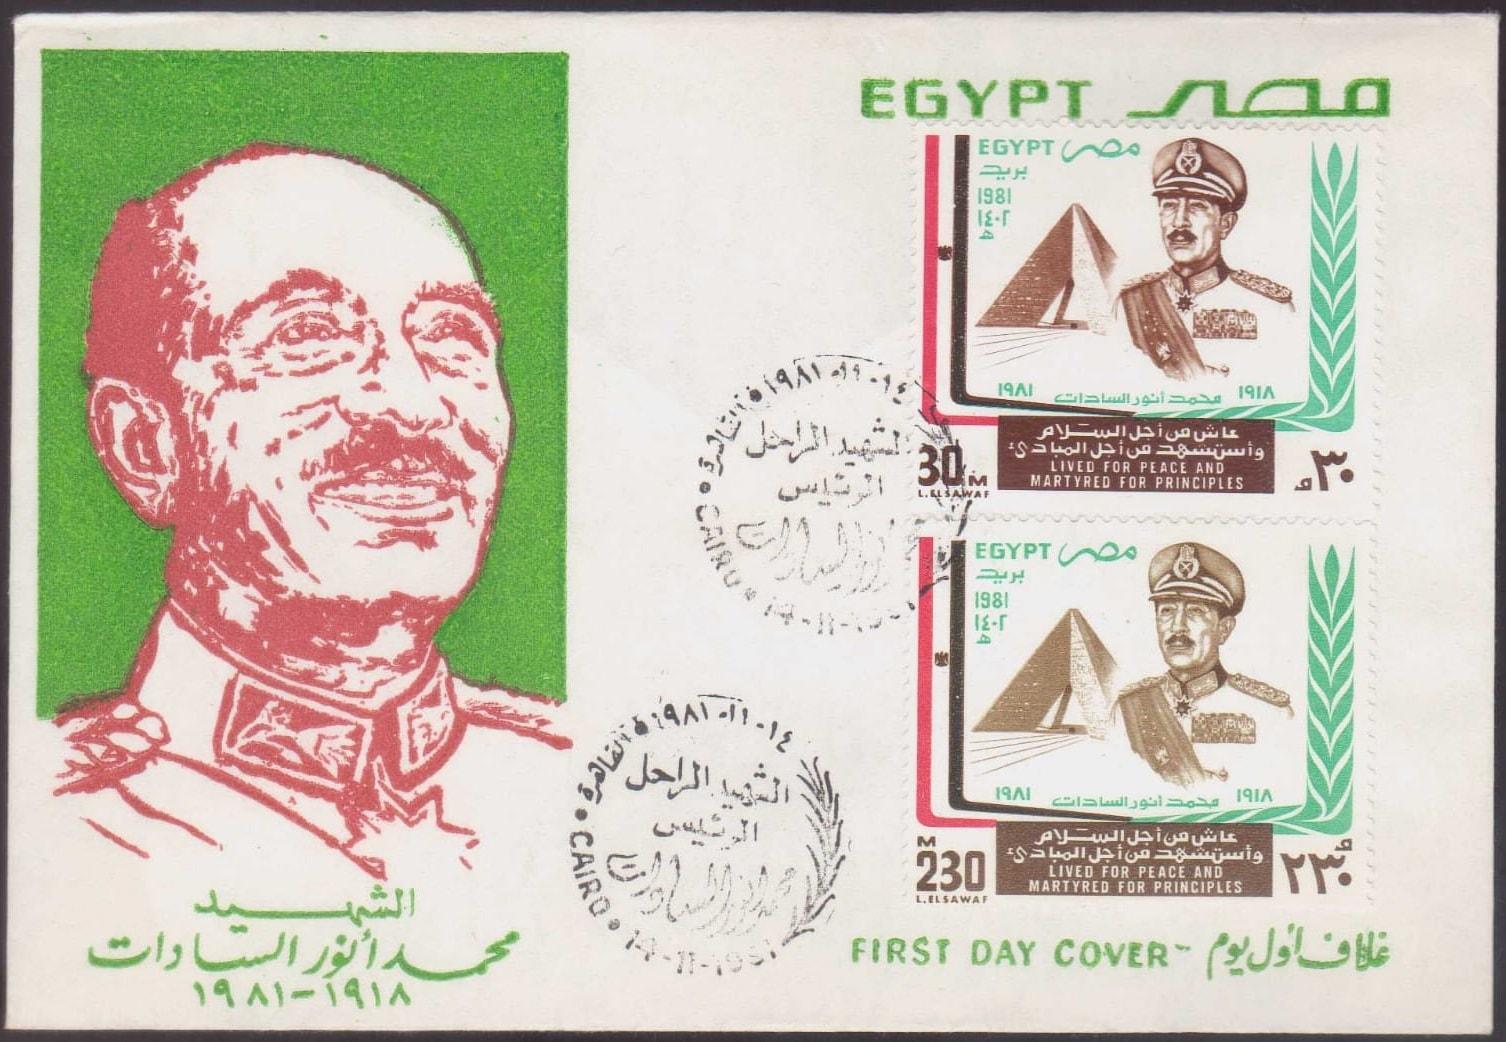 צמד בולים שהופק אחרי ההתנקשות בנשיא אנואר סאדאת במצרים.